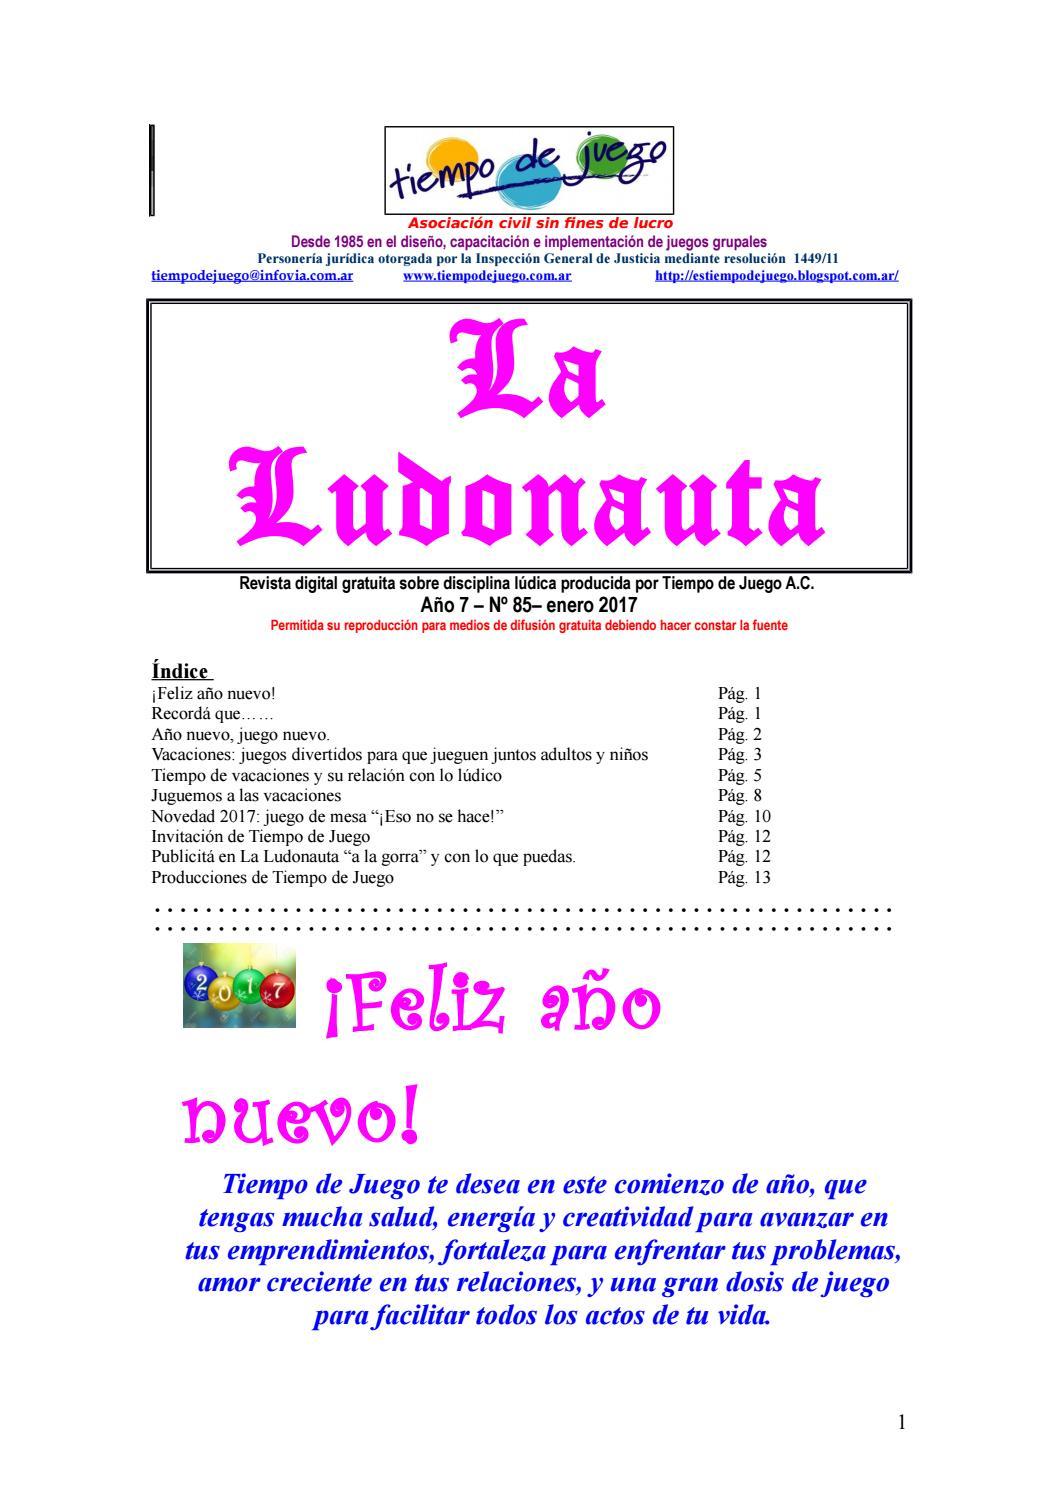 Revista La Ludonauta Enero 2017 468 By Tiempo De Juego Asociacion